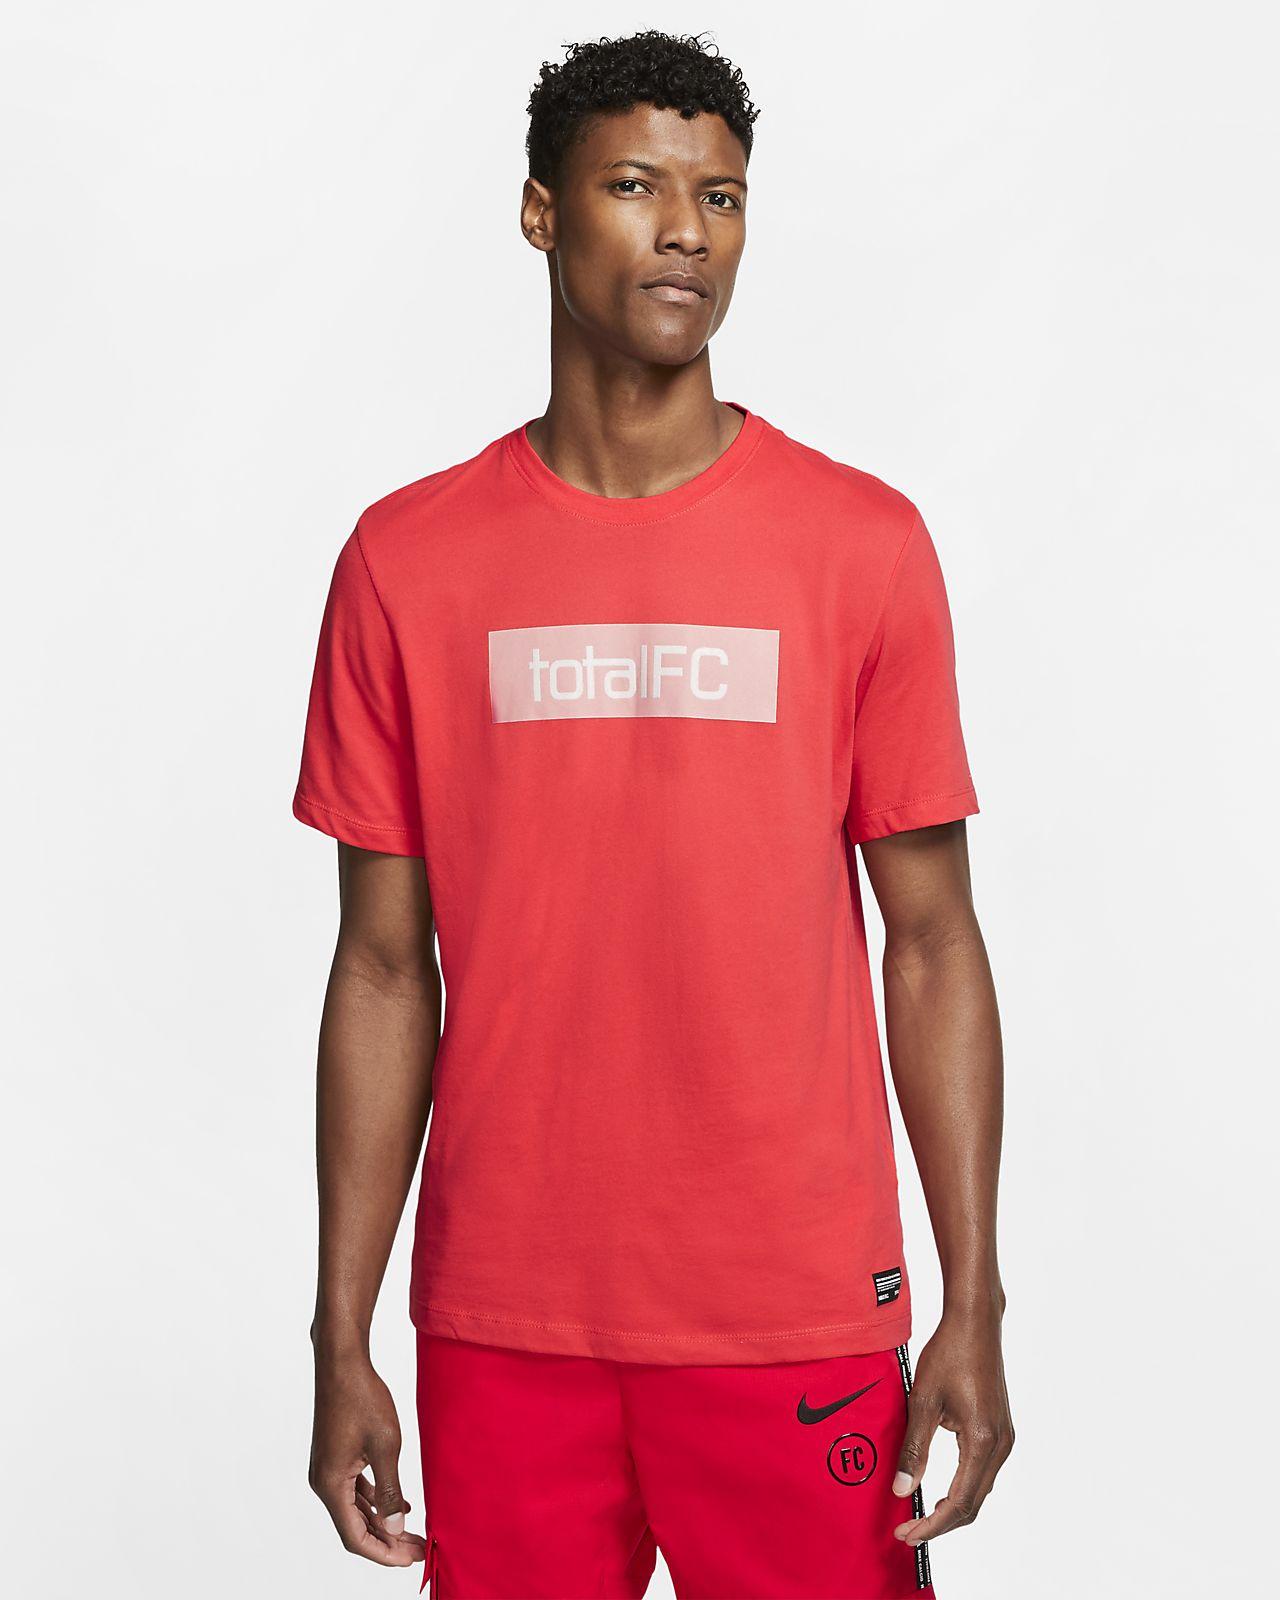 Nike F.C fodbold T shirt til mænd. Nike DK